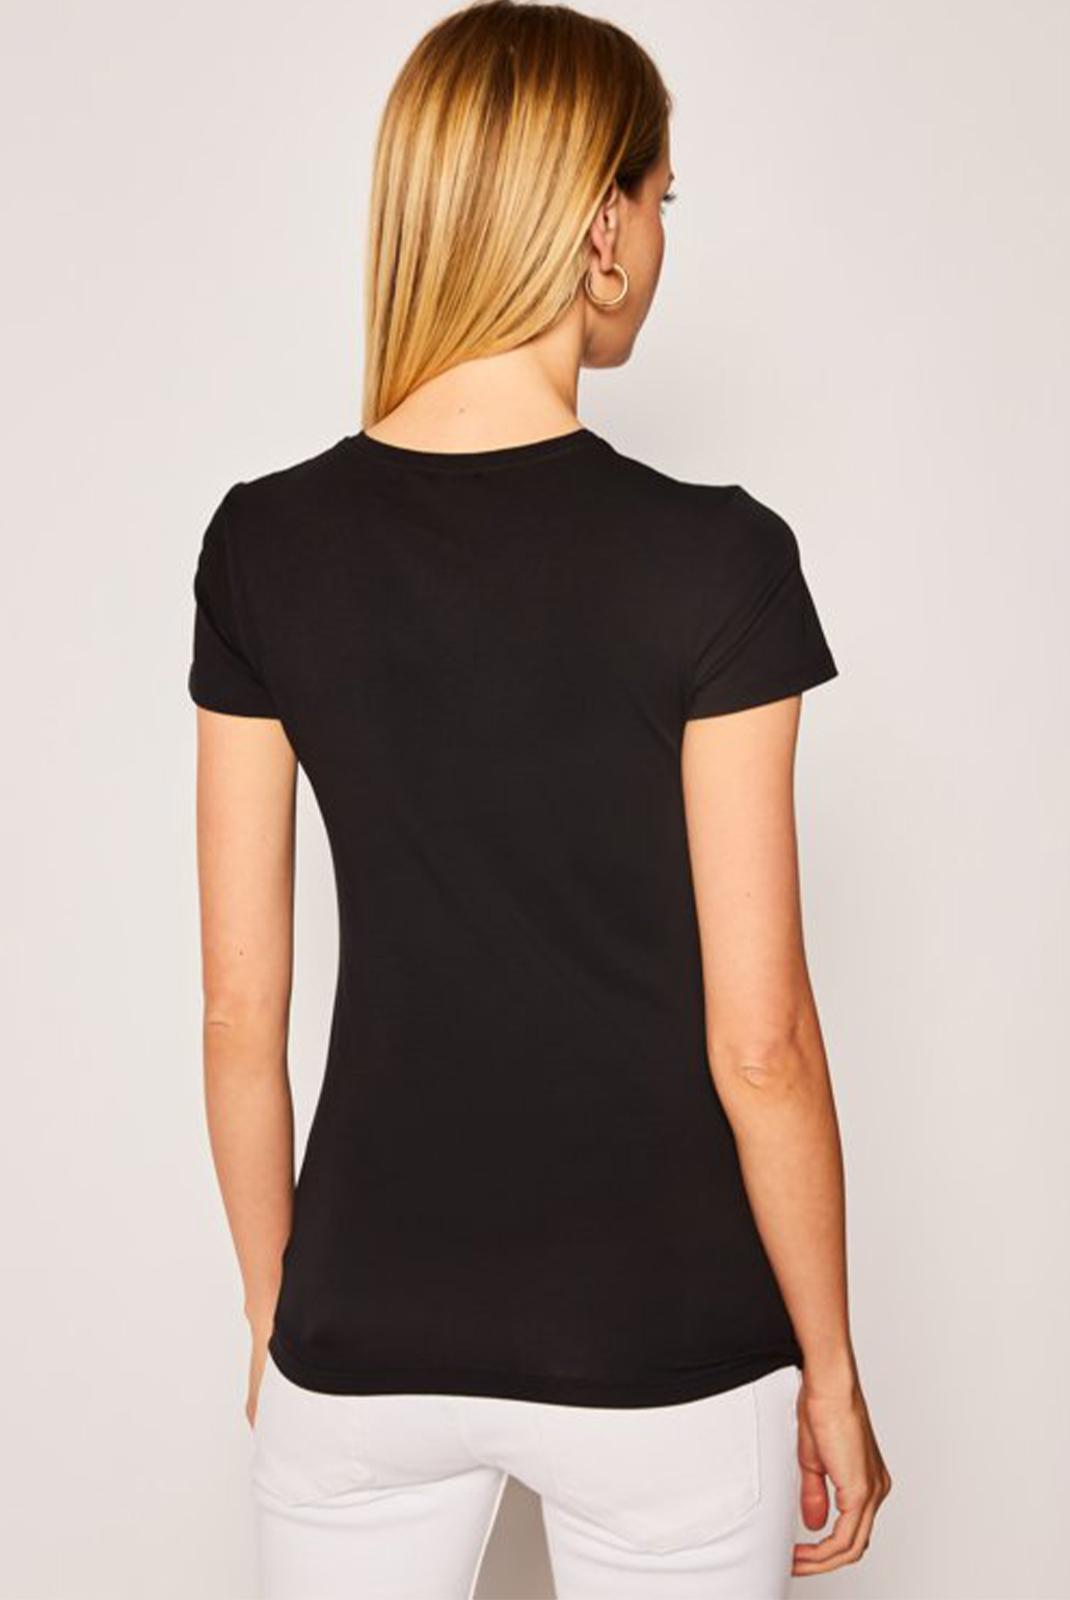 Tee shirt  Emporio armani 163321 0P263 00020 NERO